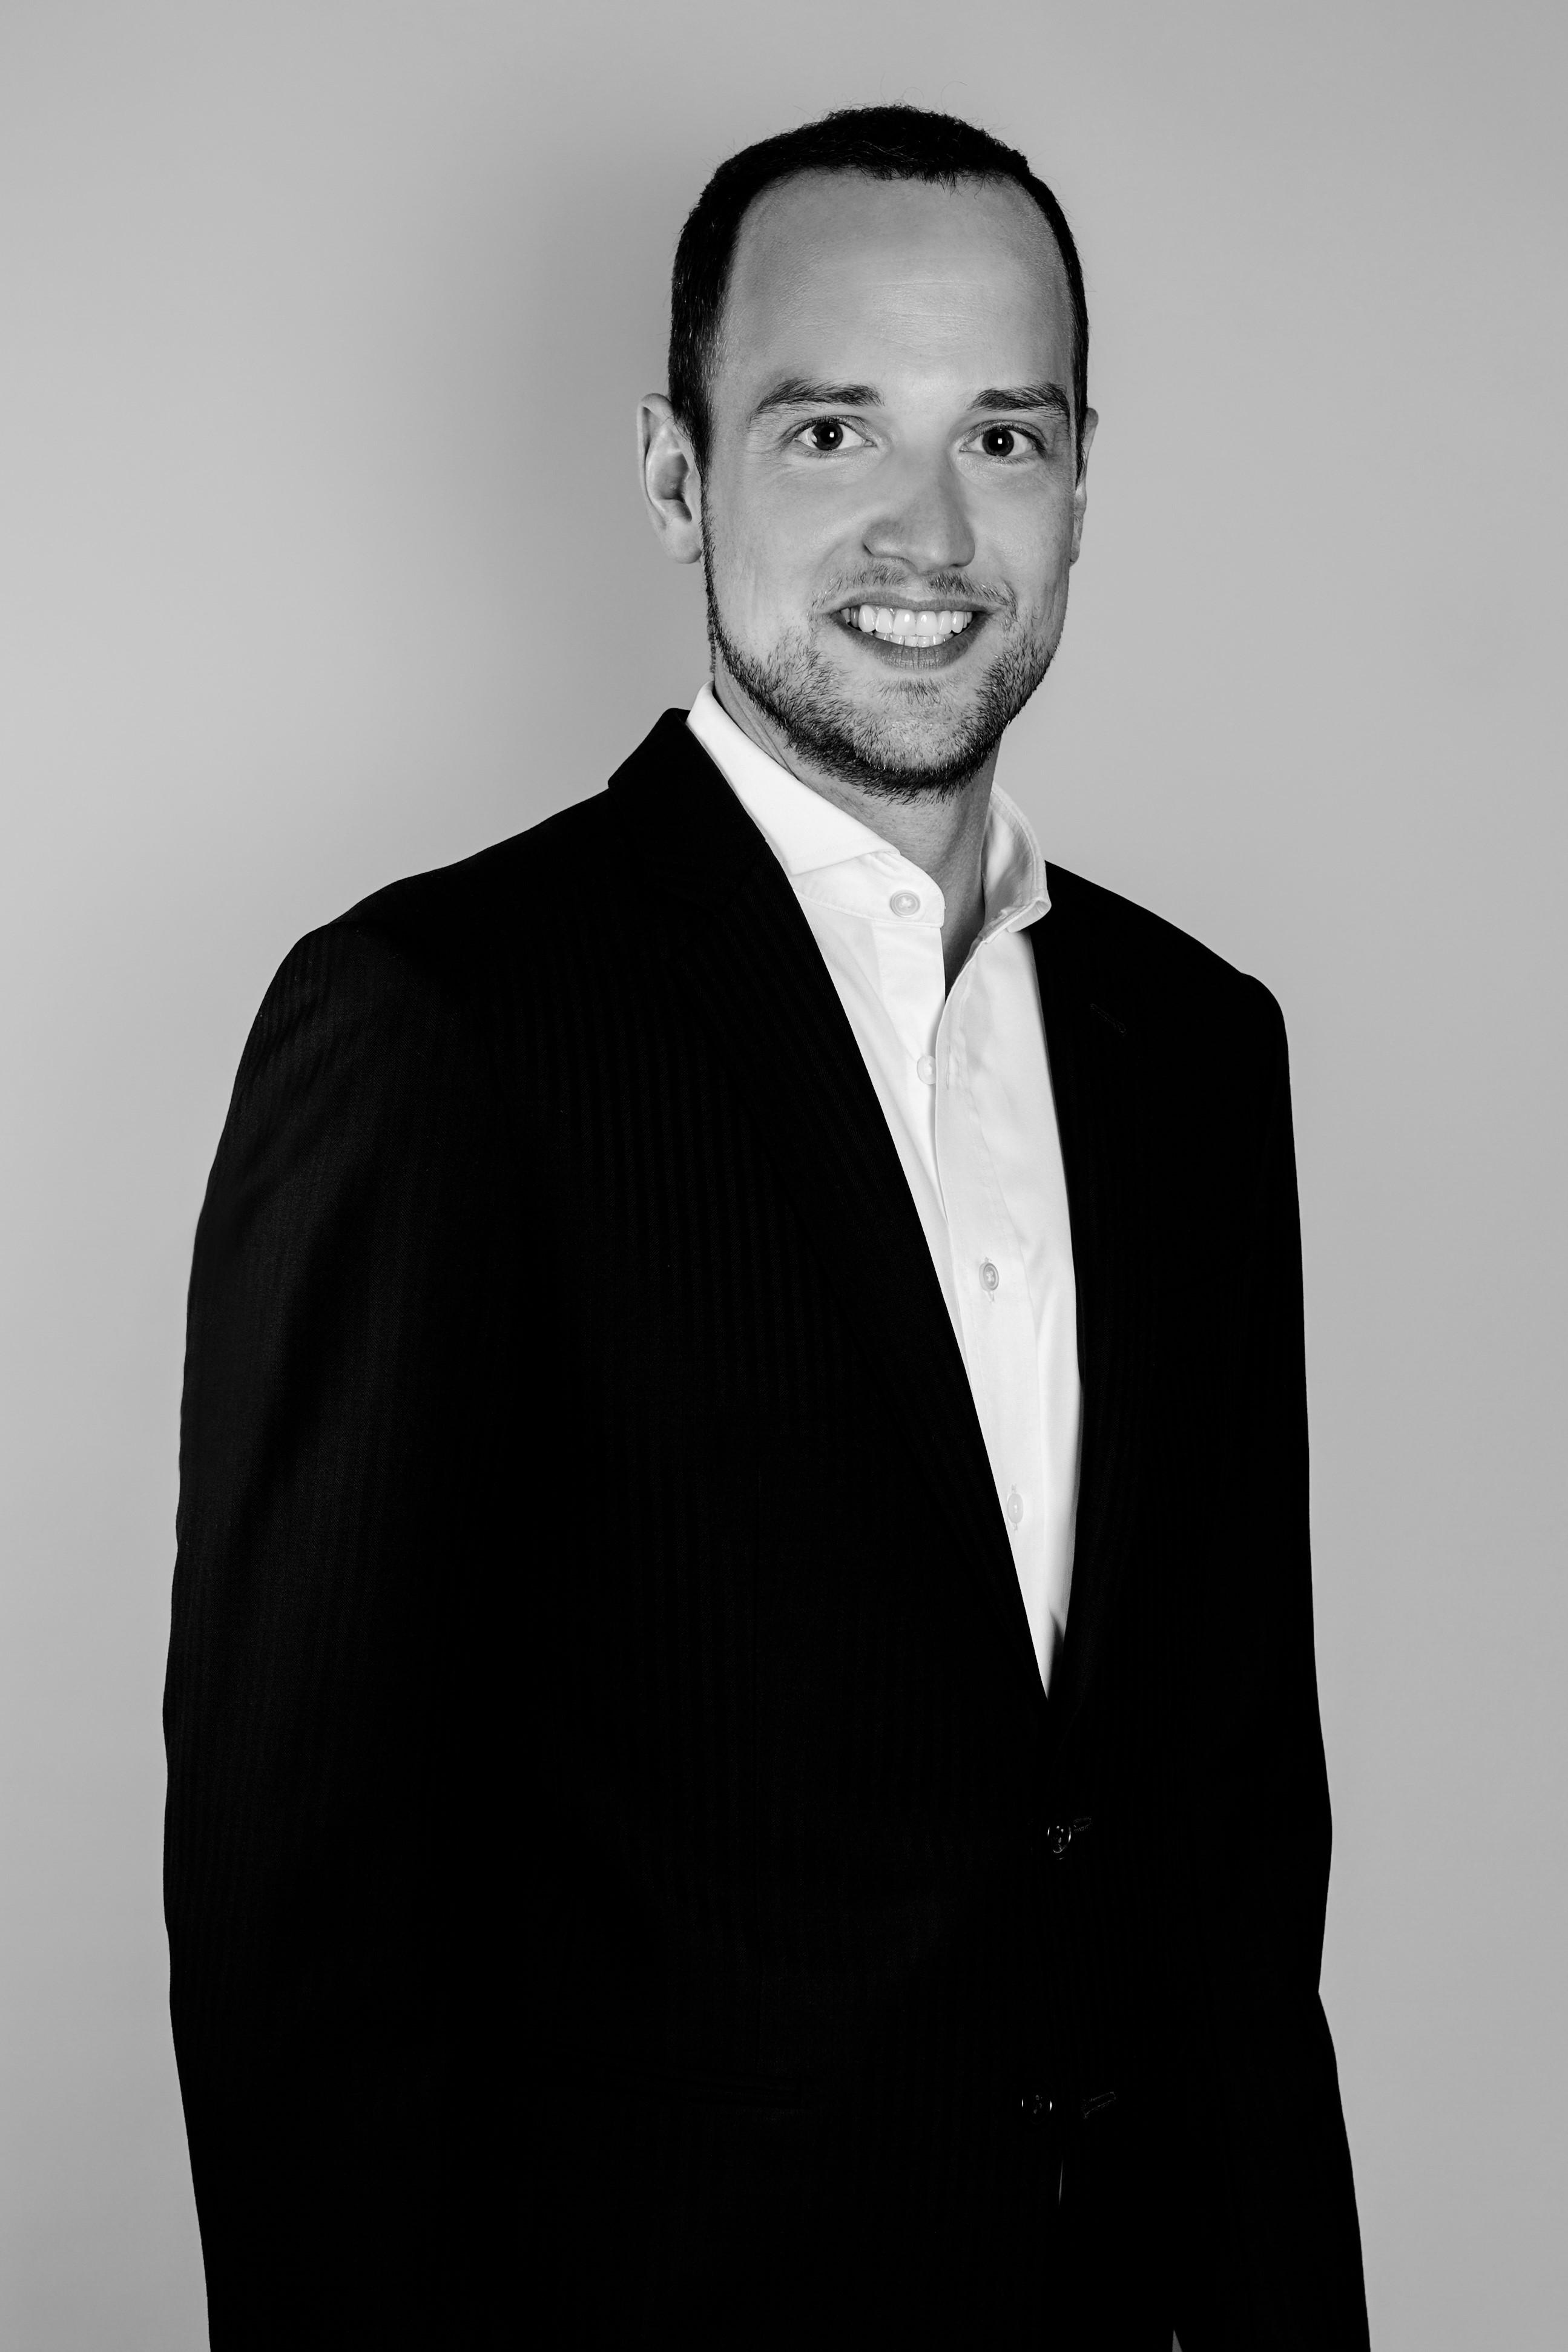 Dr. Stephan Wessel